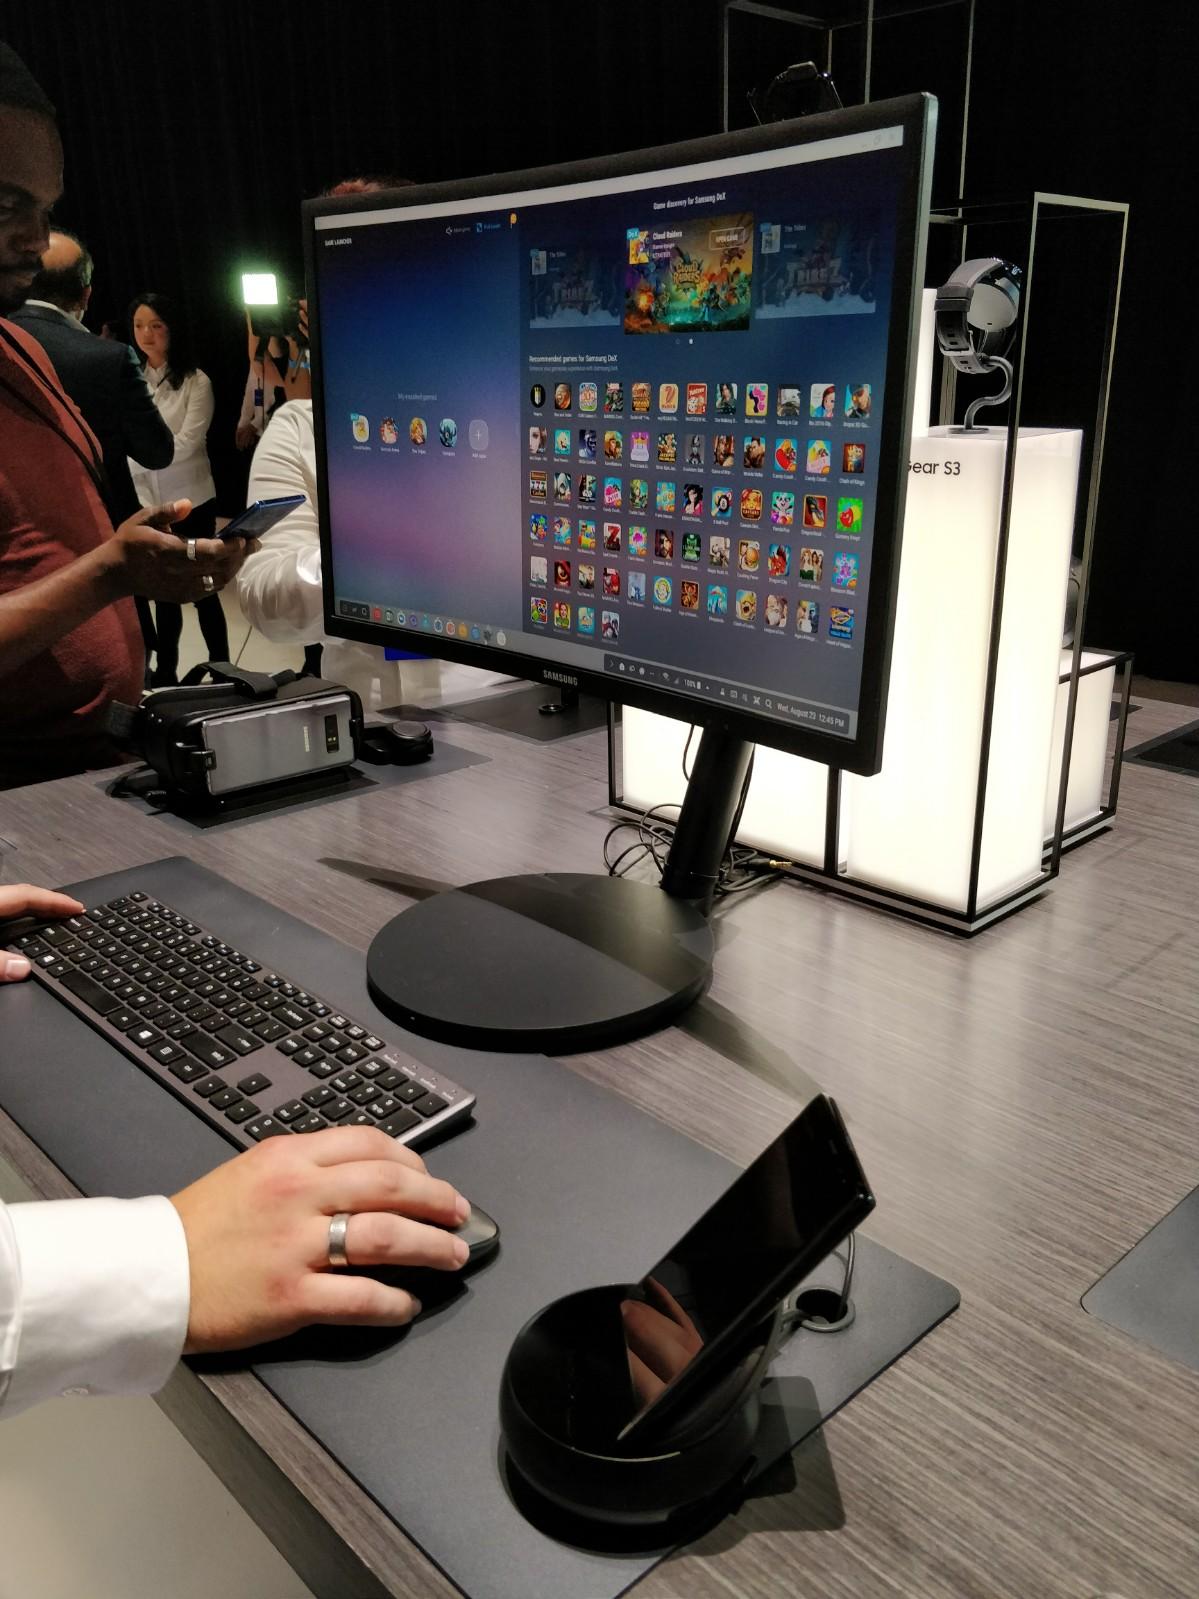 Dockingstasjonen DeX (lik den til S8), som gjør Note 8 til en PC, får alle som forhåndsbestiller Note 8 med på kjøpet. Kunden må registrere IMEI, og DeX sendes så i posten.